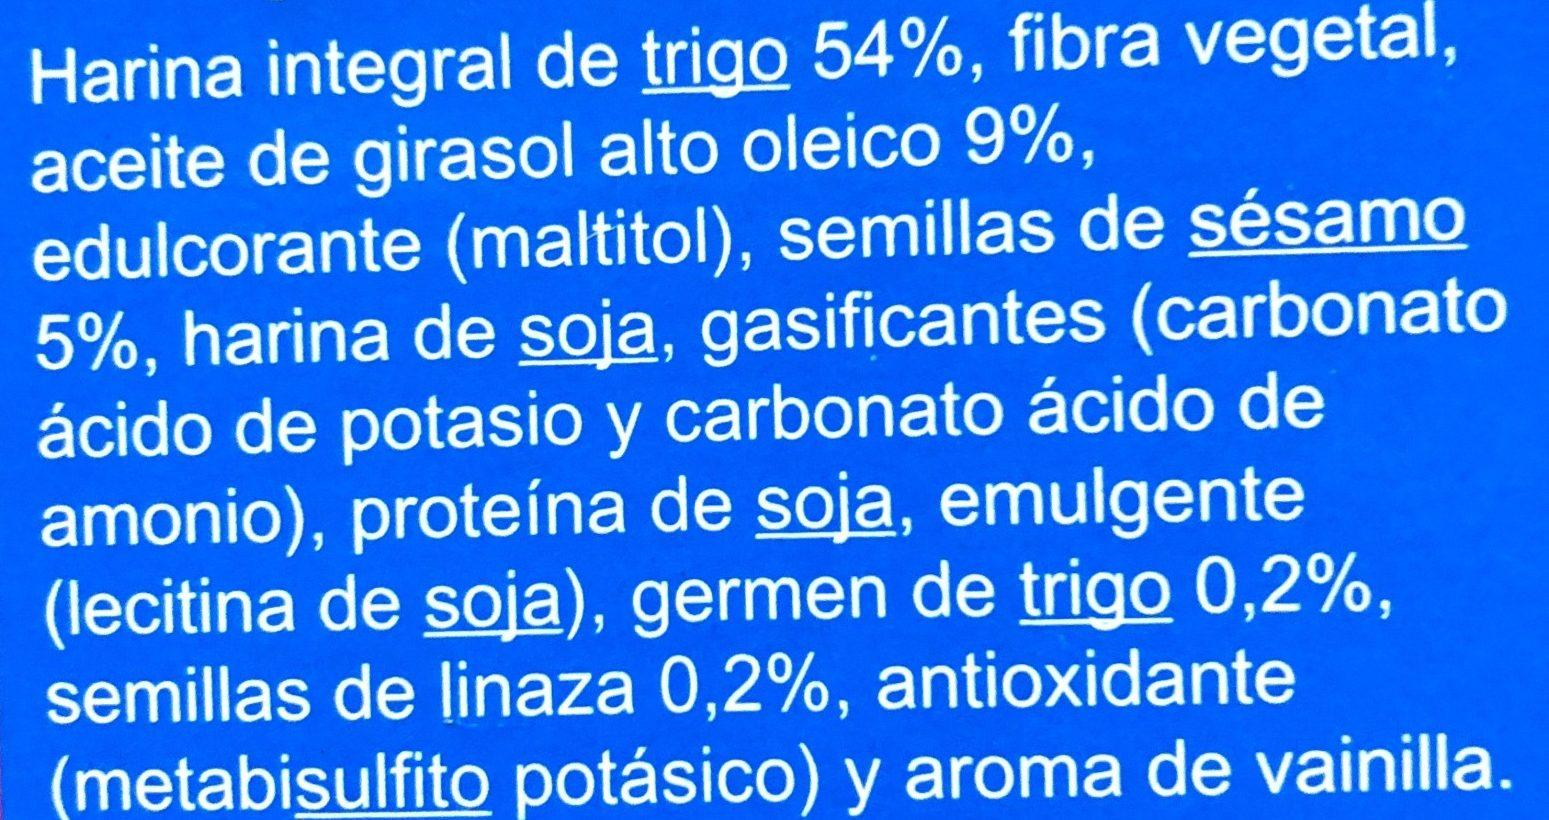 Galletas María Integral - Ingredients